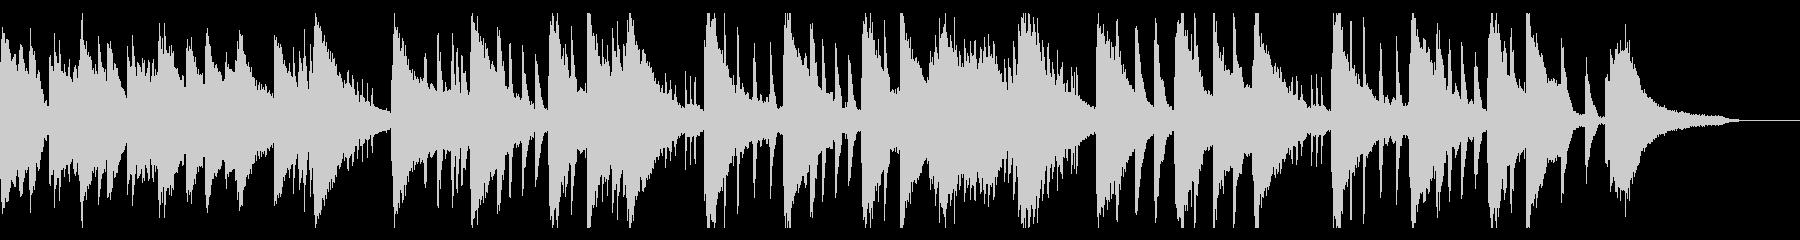 ピアノが奏でるリラックスBGMの未再生の波形